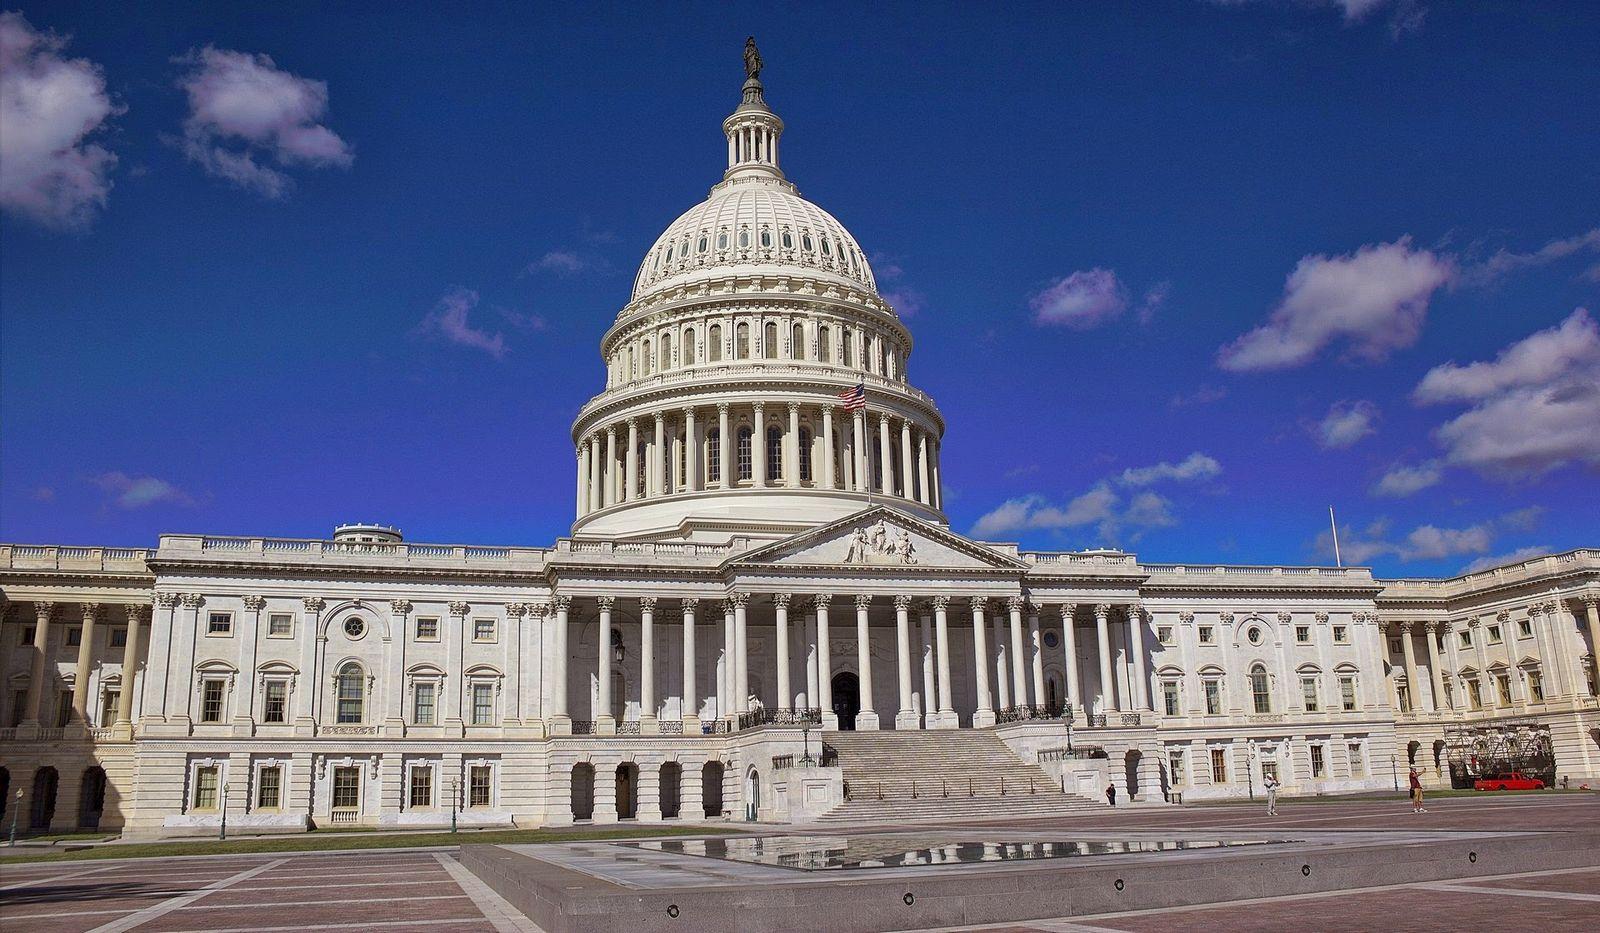 La fachada este del Capitolio, enorme y reluciente